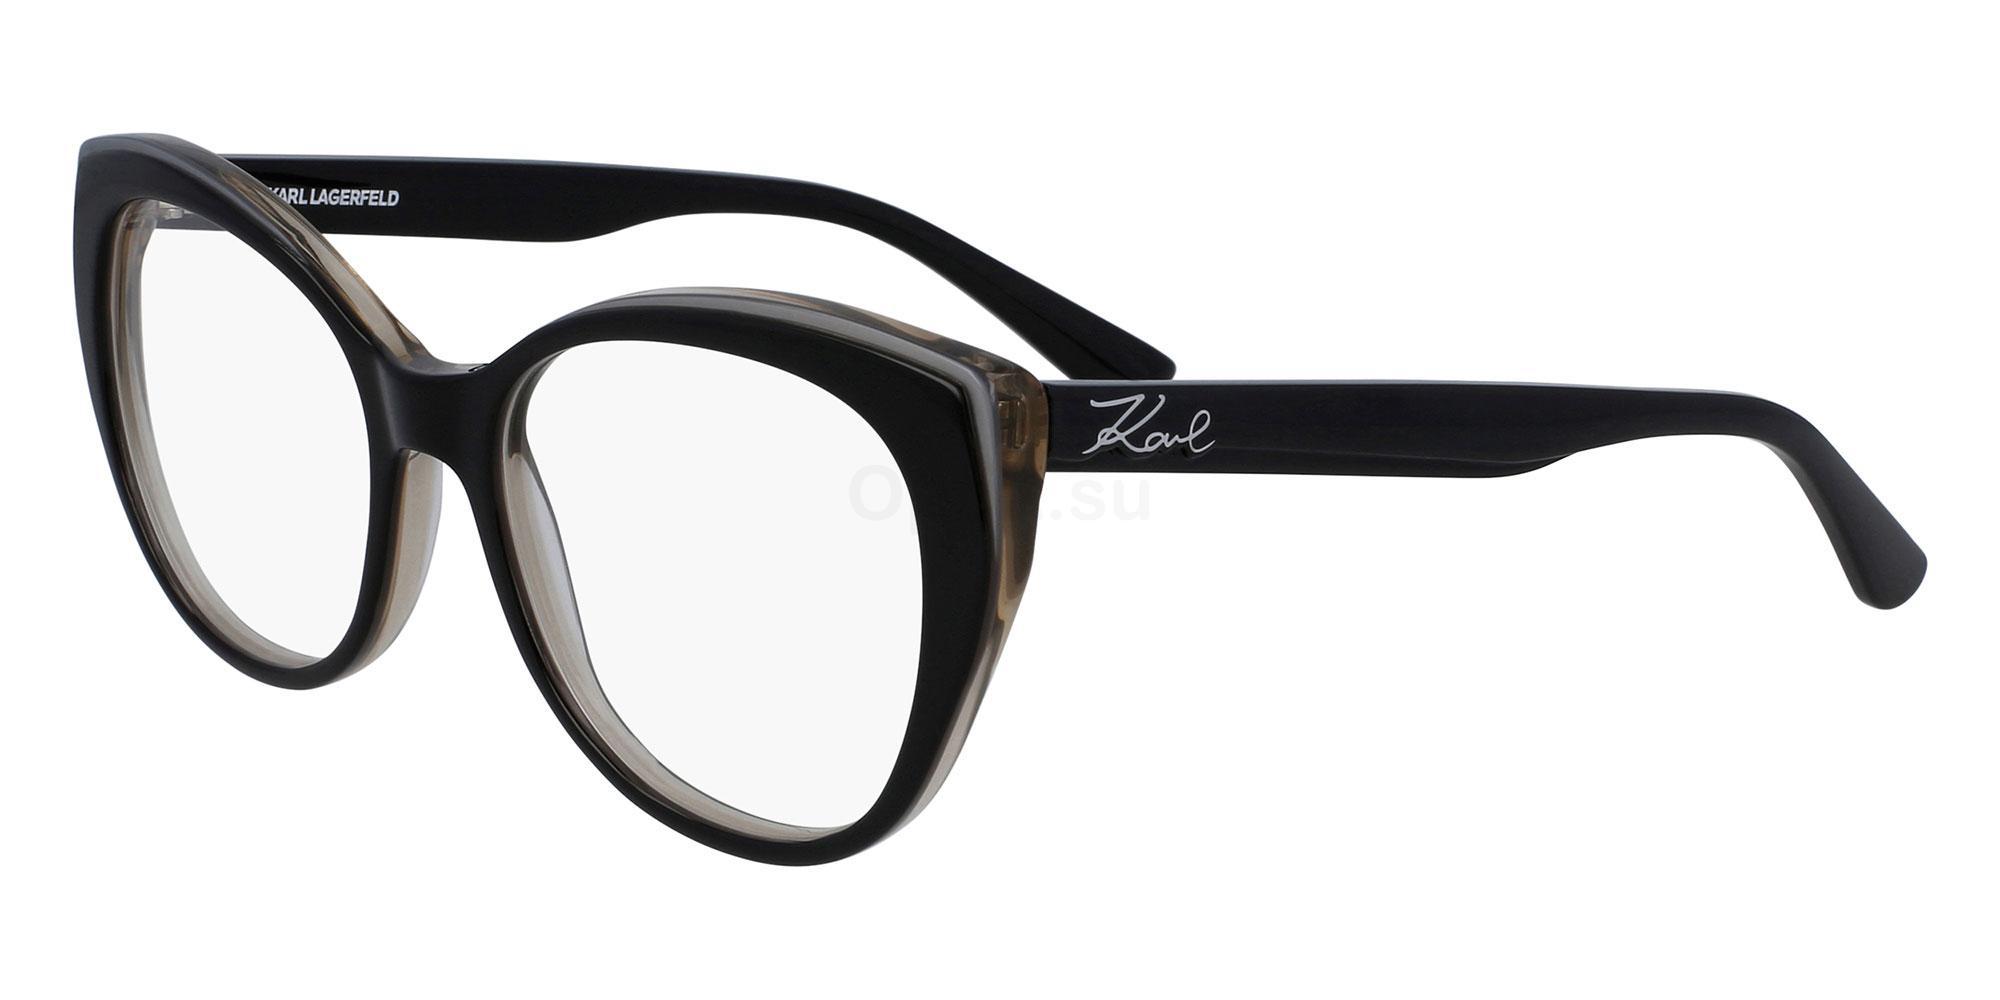 003 KL971 Glasses, Karl Lagerfeld